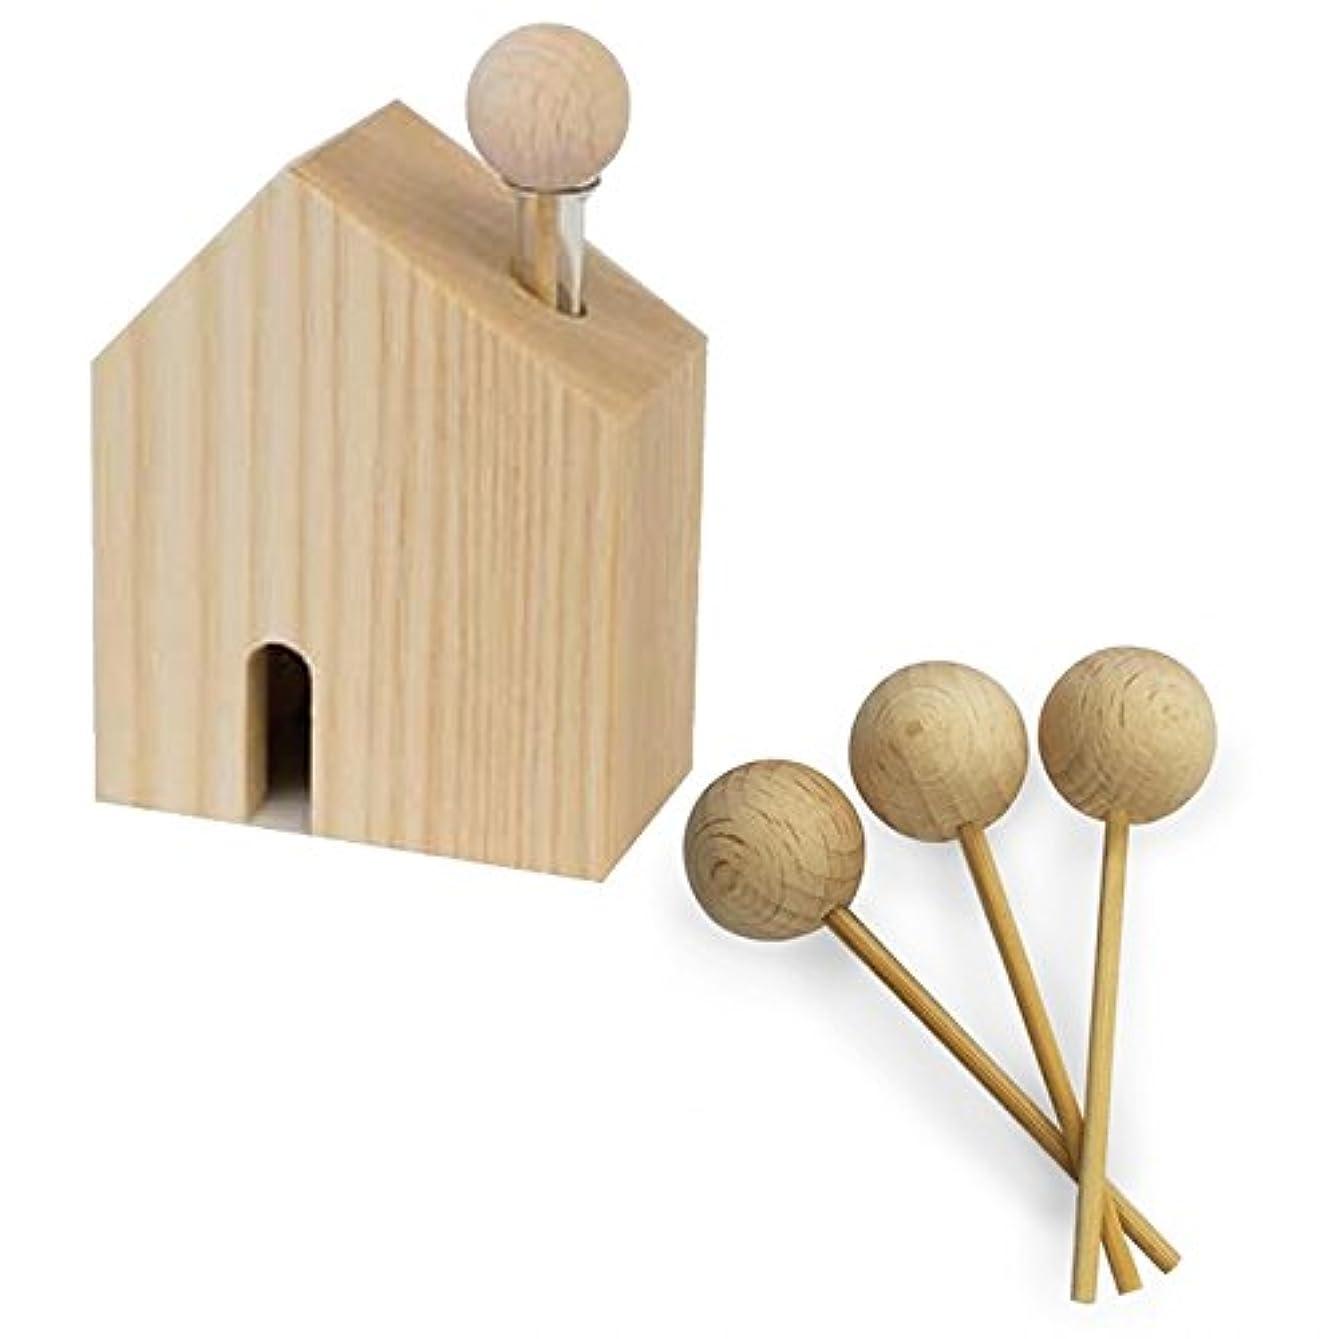 段階アルバムどんよりしたHARIO ハリオ アロマ芳香器 木のお家 交換用木製スティック3本付